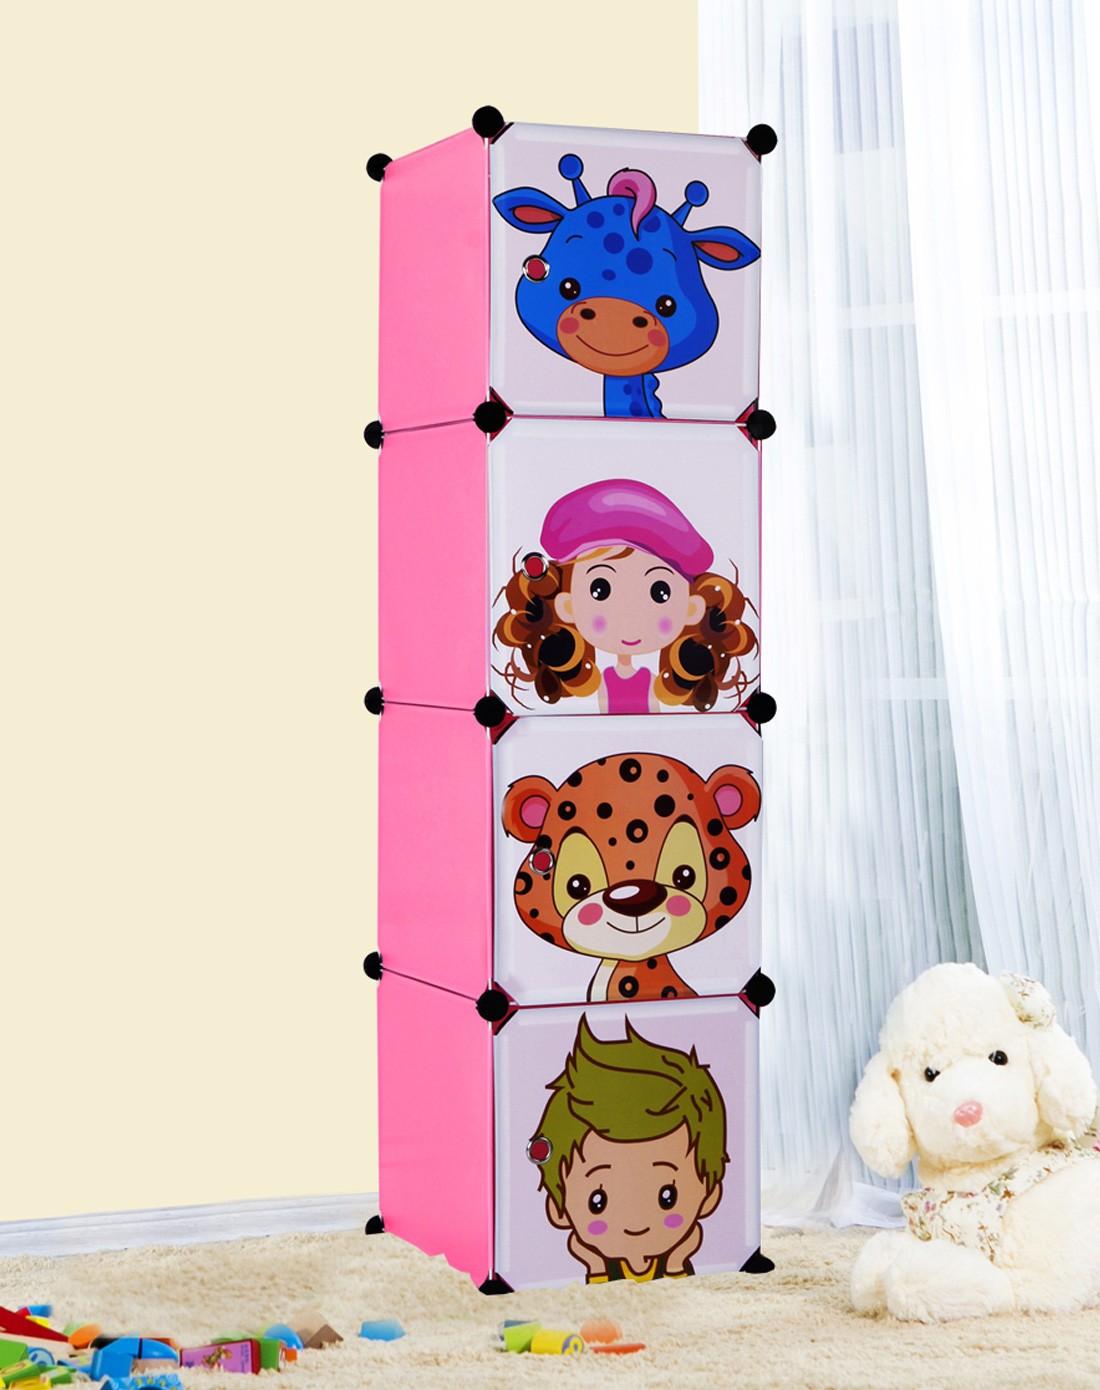 安尔雅家具专场简约环保卡通儿童婴儿衣物收纳柜3色p